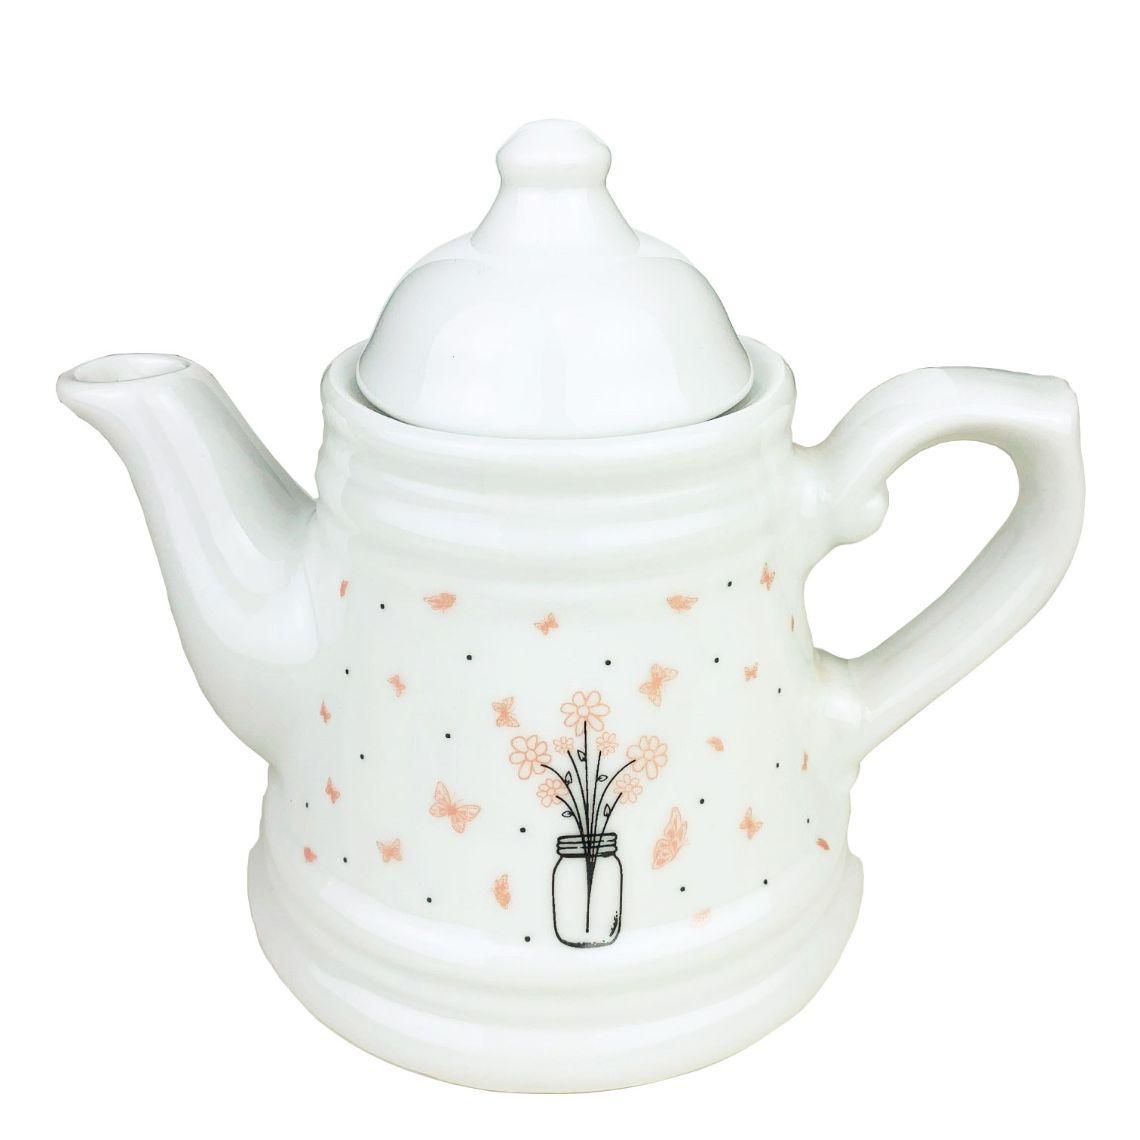 Jogo de Chá em porcelana, c/6 peças, coleção exclusiva Garden